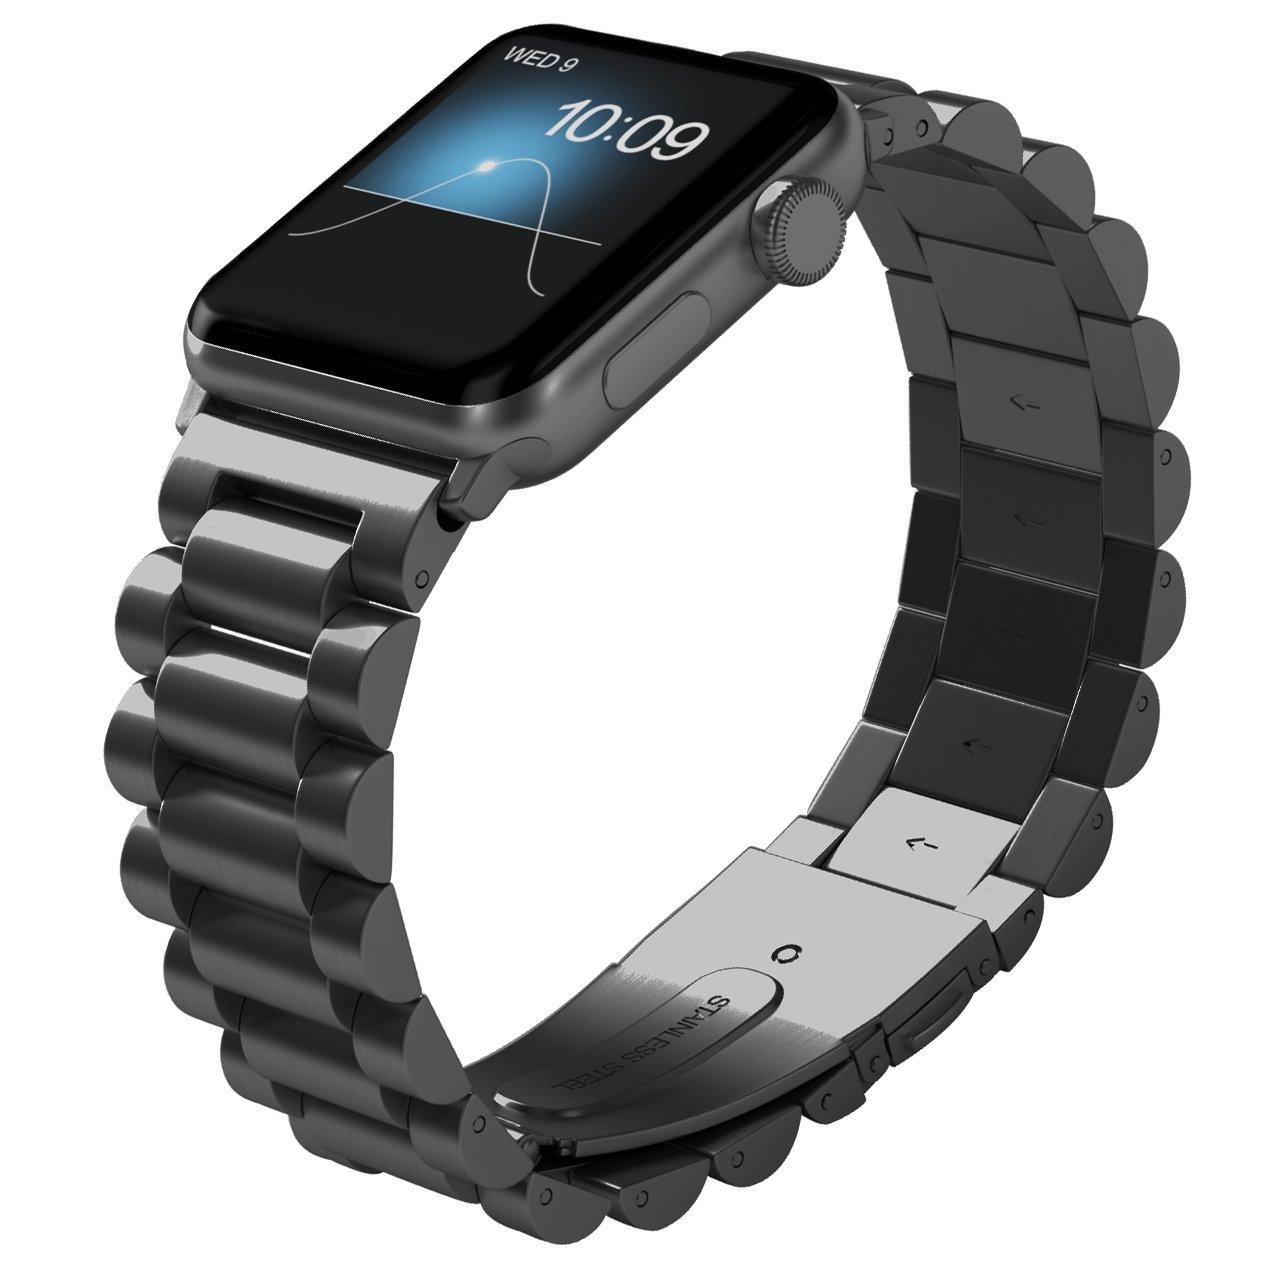 Apple Watchバンド、no1sellerプレミアムソリッドステンレススチールApple Watchバンドストラップ手首バンドユニーク研磨ビジネス交換用for Apple Watchシリーズ1、シリーズ2 B072ZTMDK1  SemiCircle-Space Gray 42mm